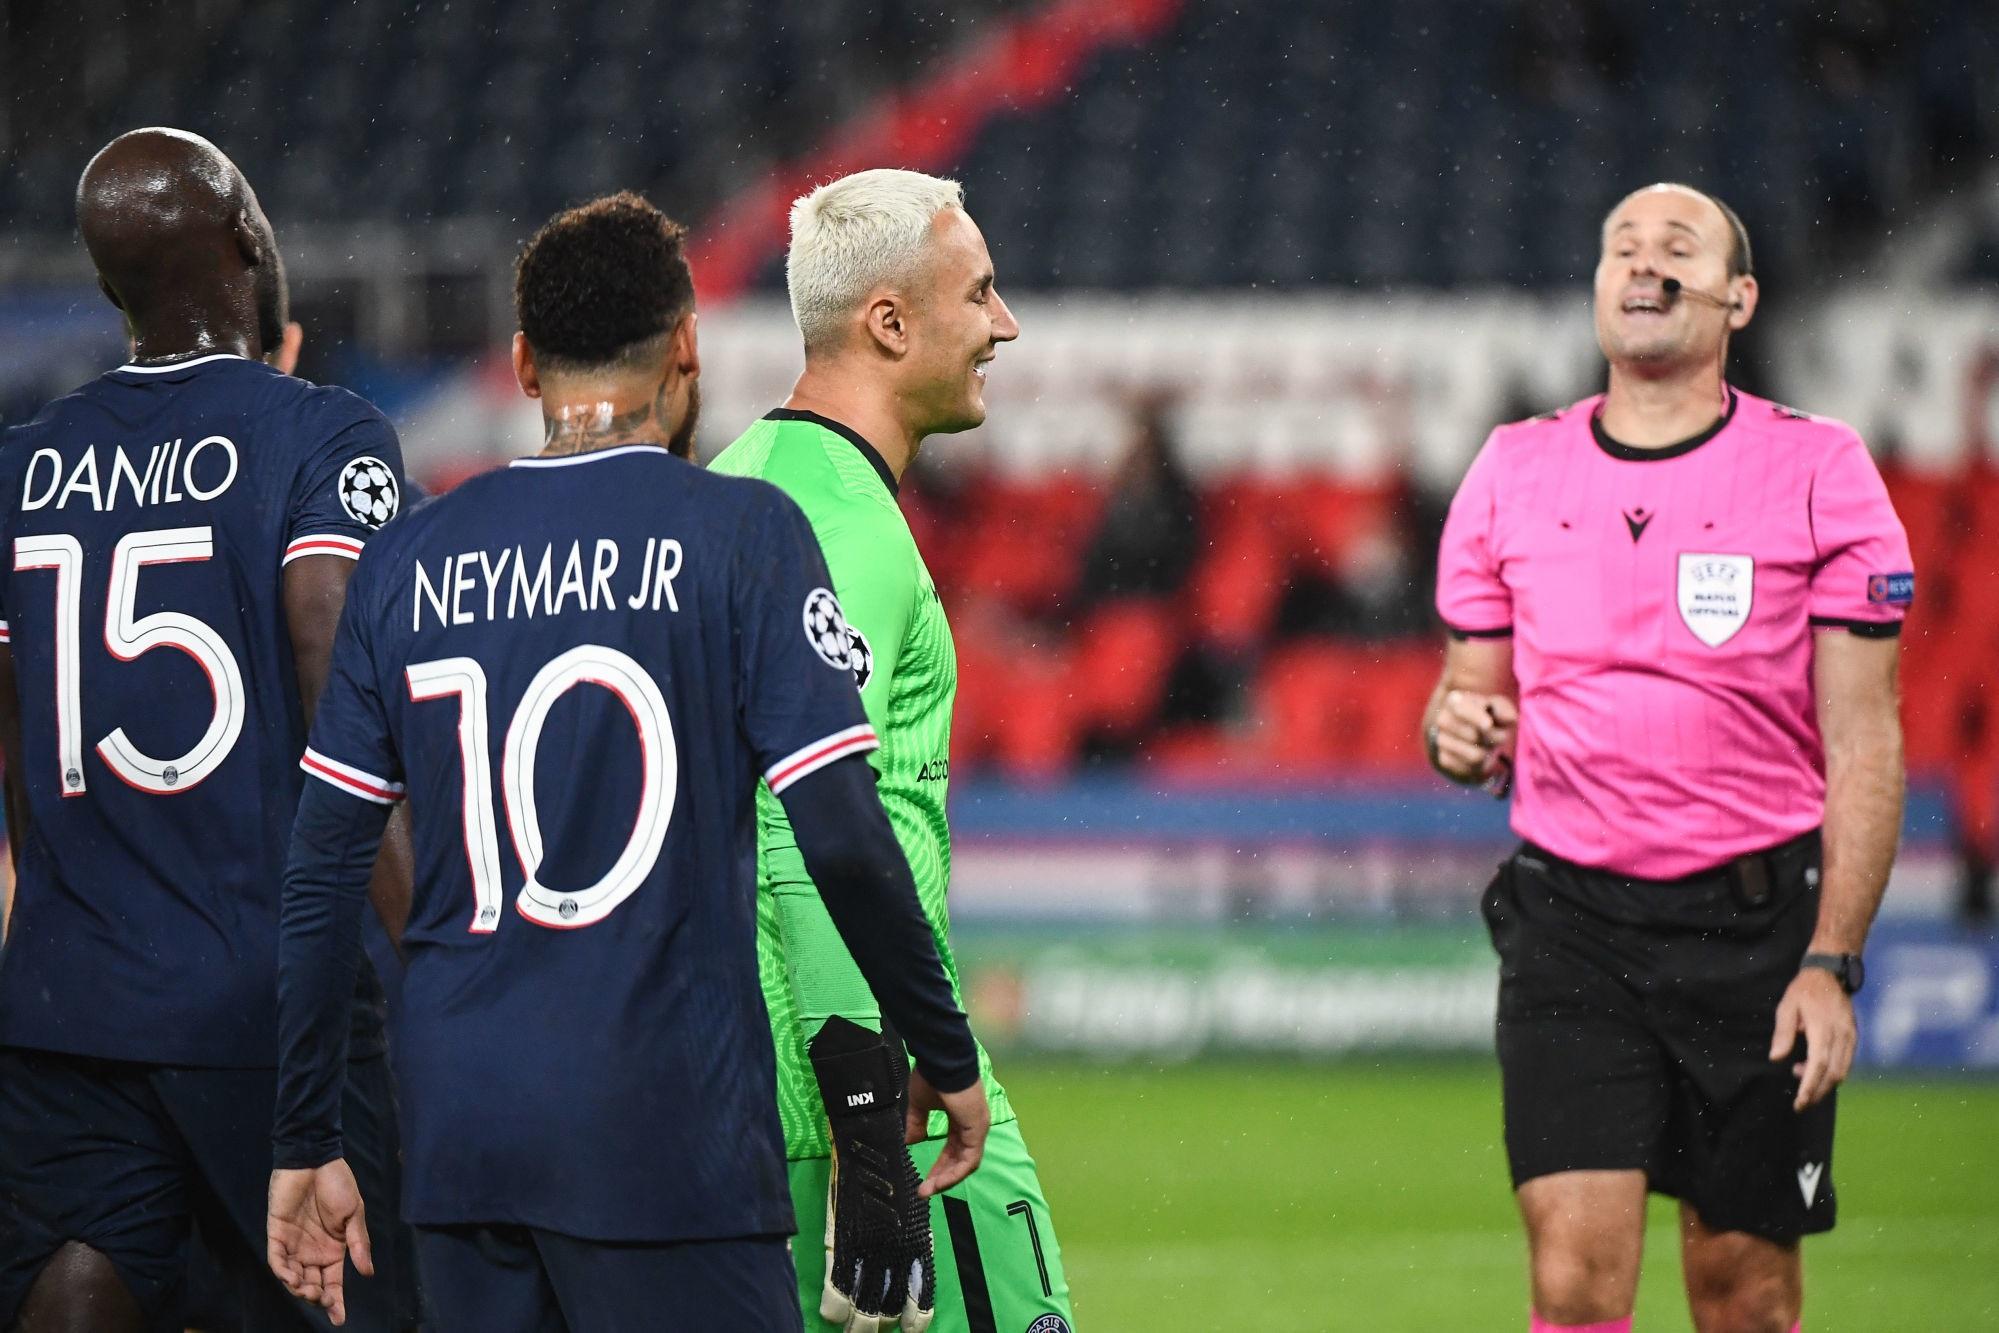 PSG/Manchester United - Qui a été le meilleur joueur parisien selon vous ?